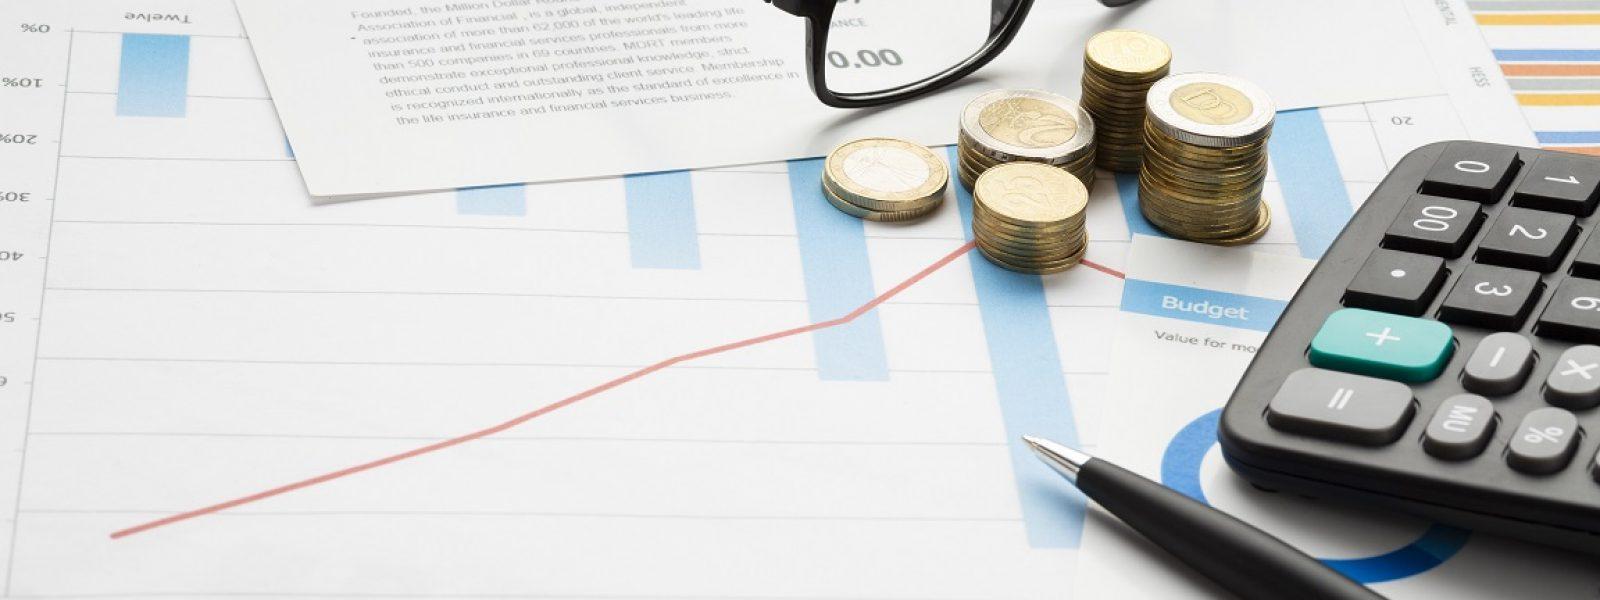 деньги германия, коронавирус, наличные германия инфляция германия